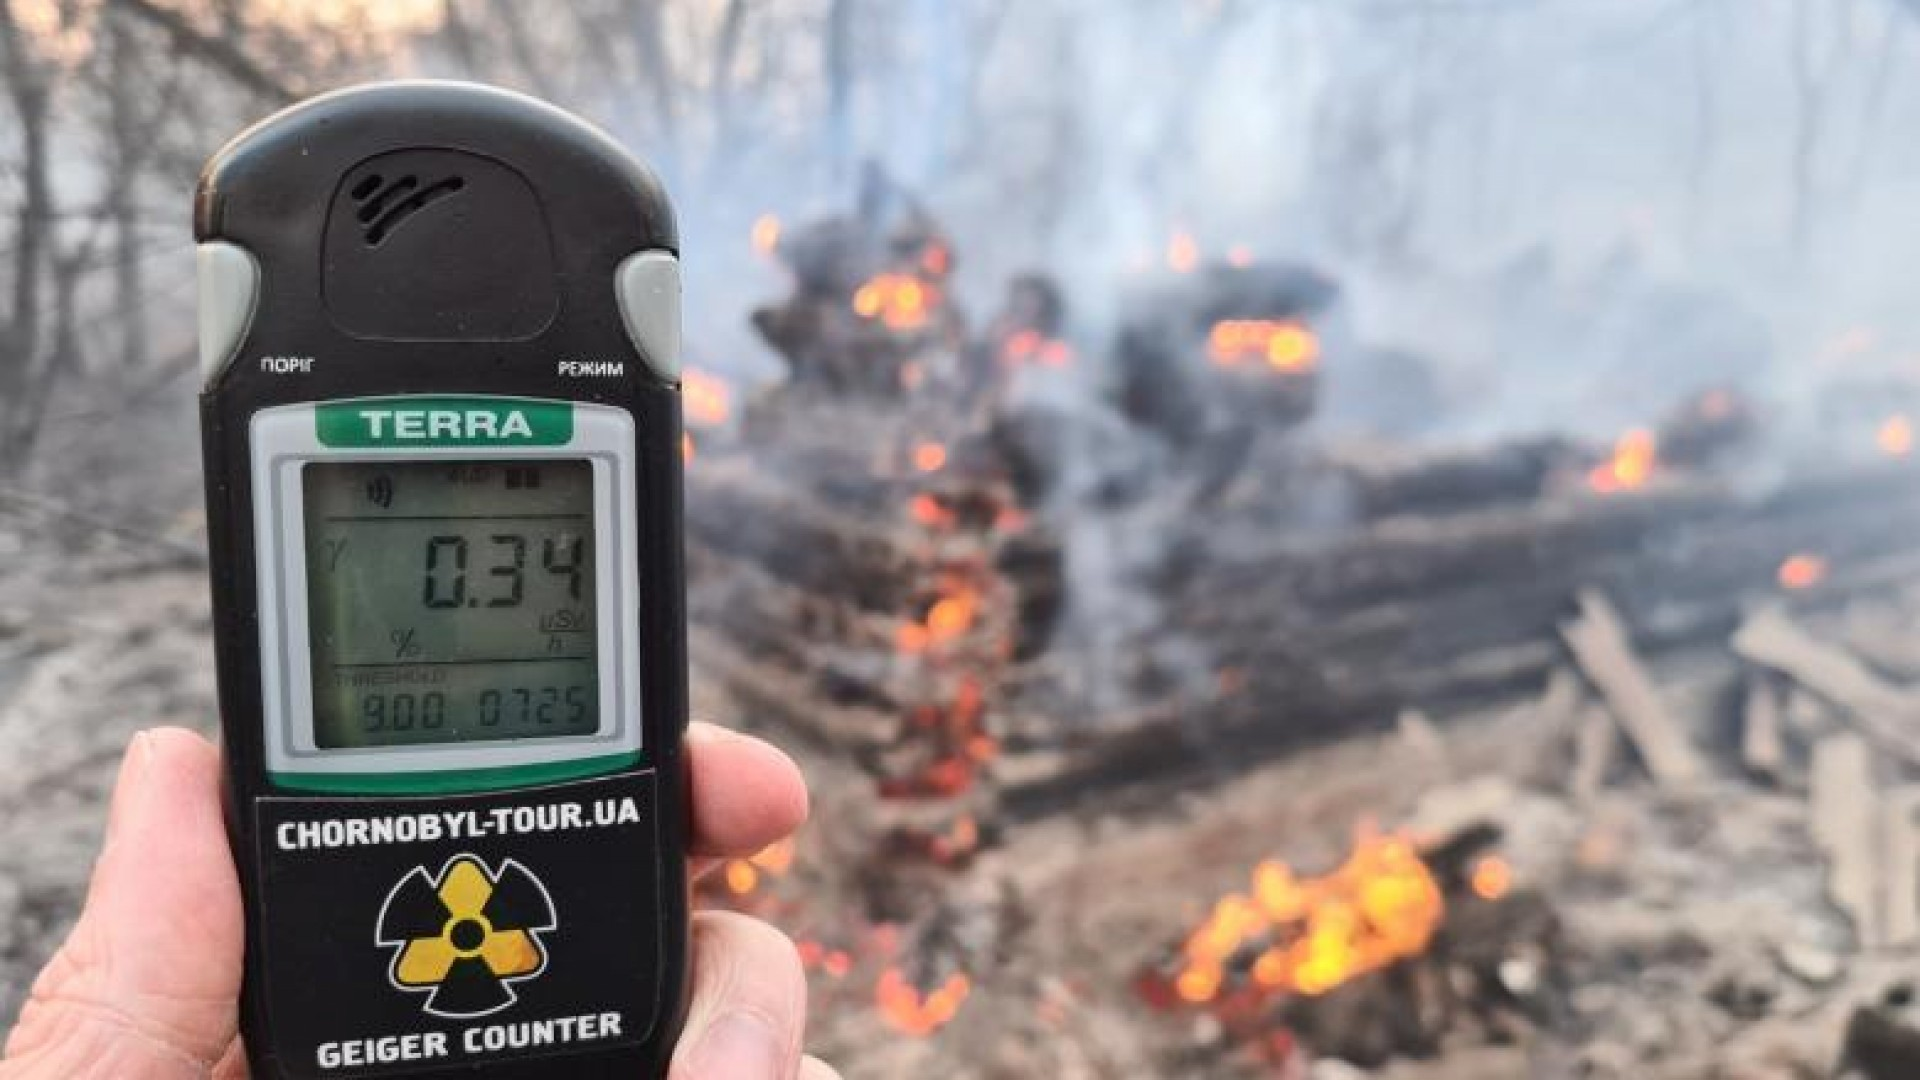 România rămâne în bătaia vântului, cu fum radioactiv de la Cernobîl. Ce spun experţii despre efectele pe care le-am putea resimţi